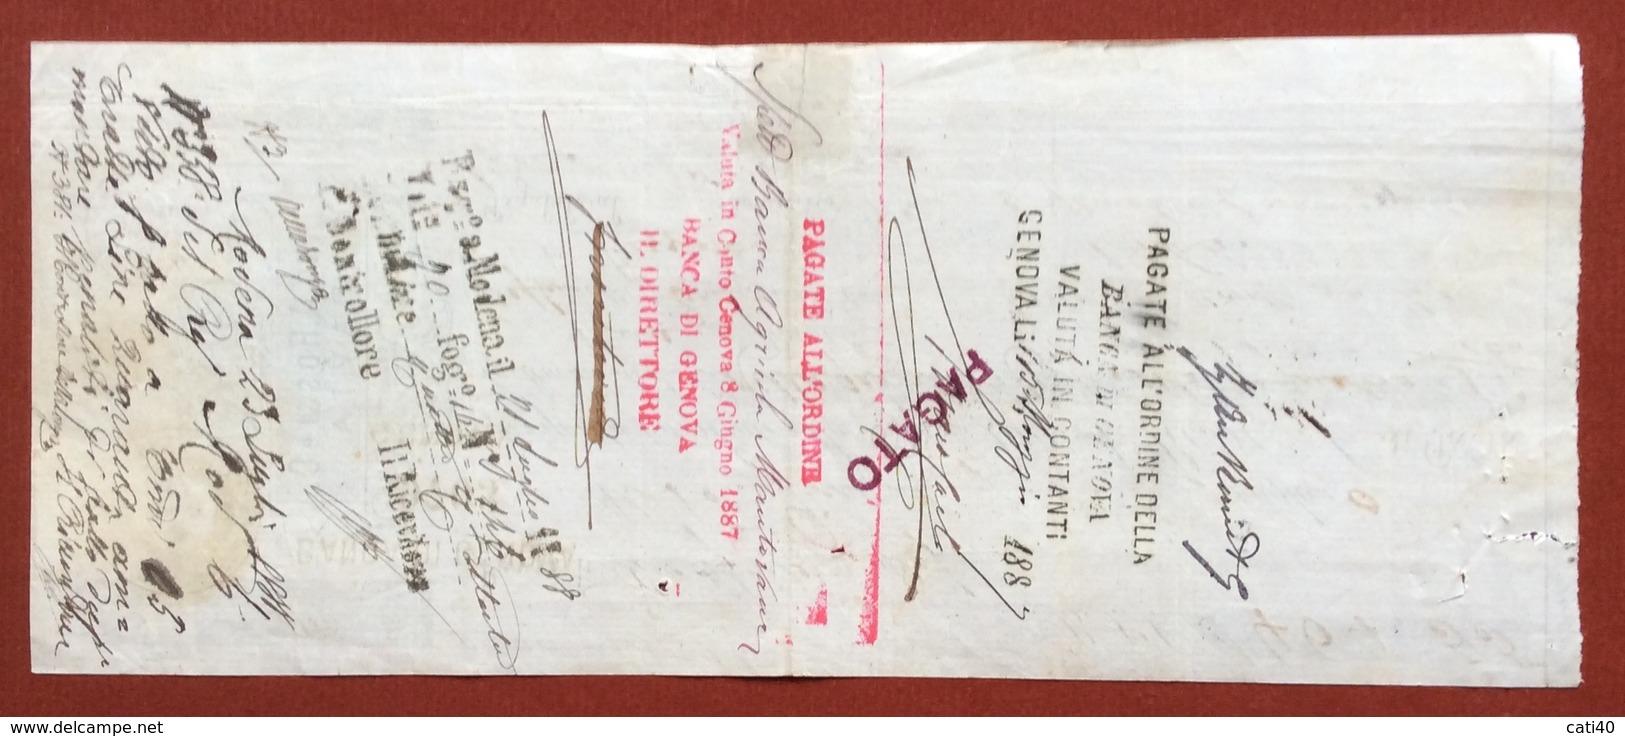 MARCHE DA BOLLO  PER CAMBIALI  LIRE 1,00  SU CAMBIALE ING.A.ROSSI PAVIA  DEL 1887 MOLTE FIRME AUTOGRAFE - Altri